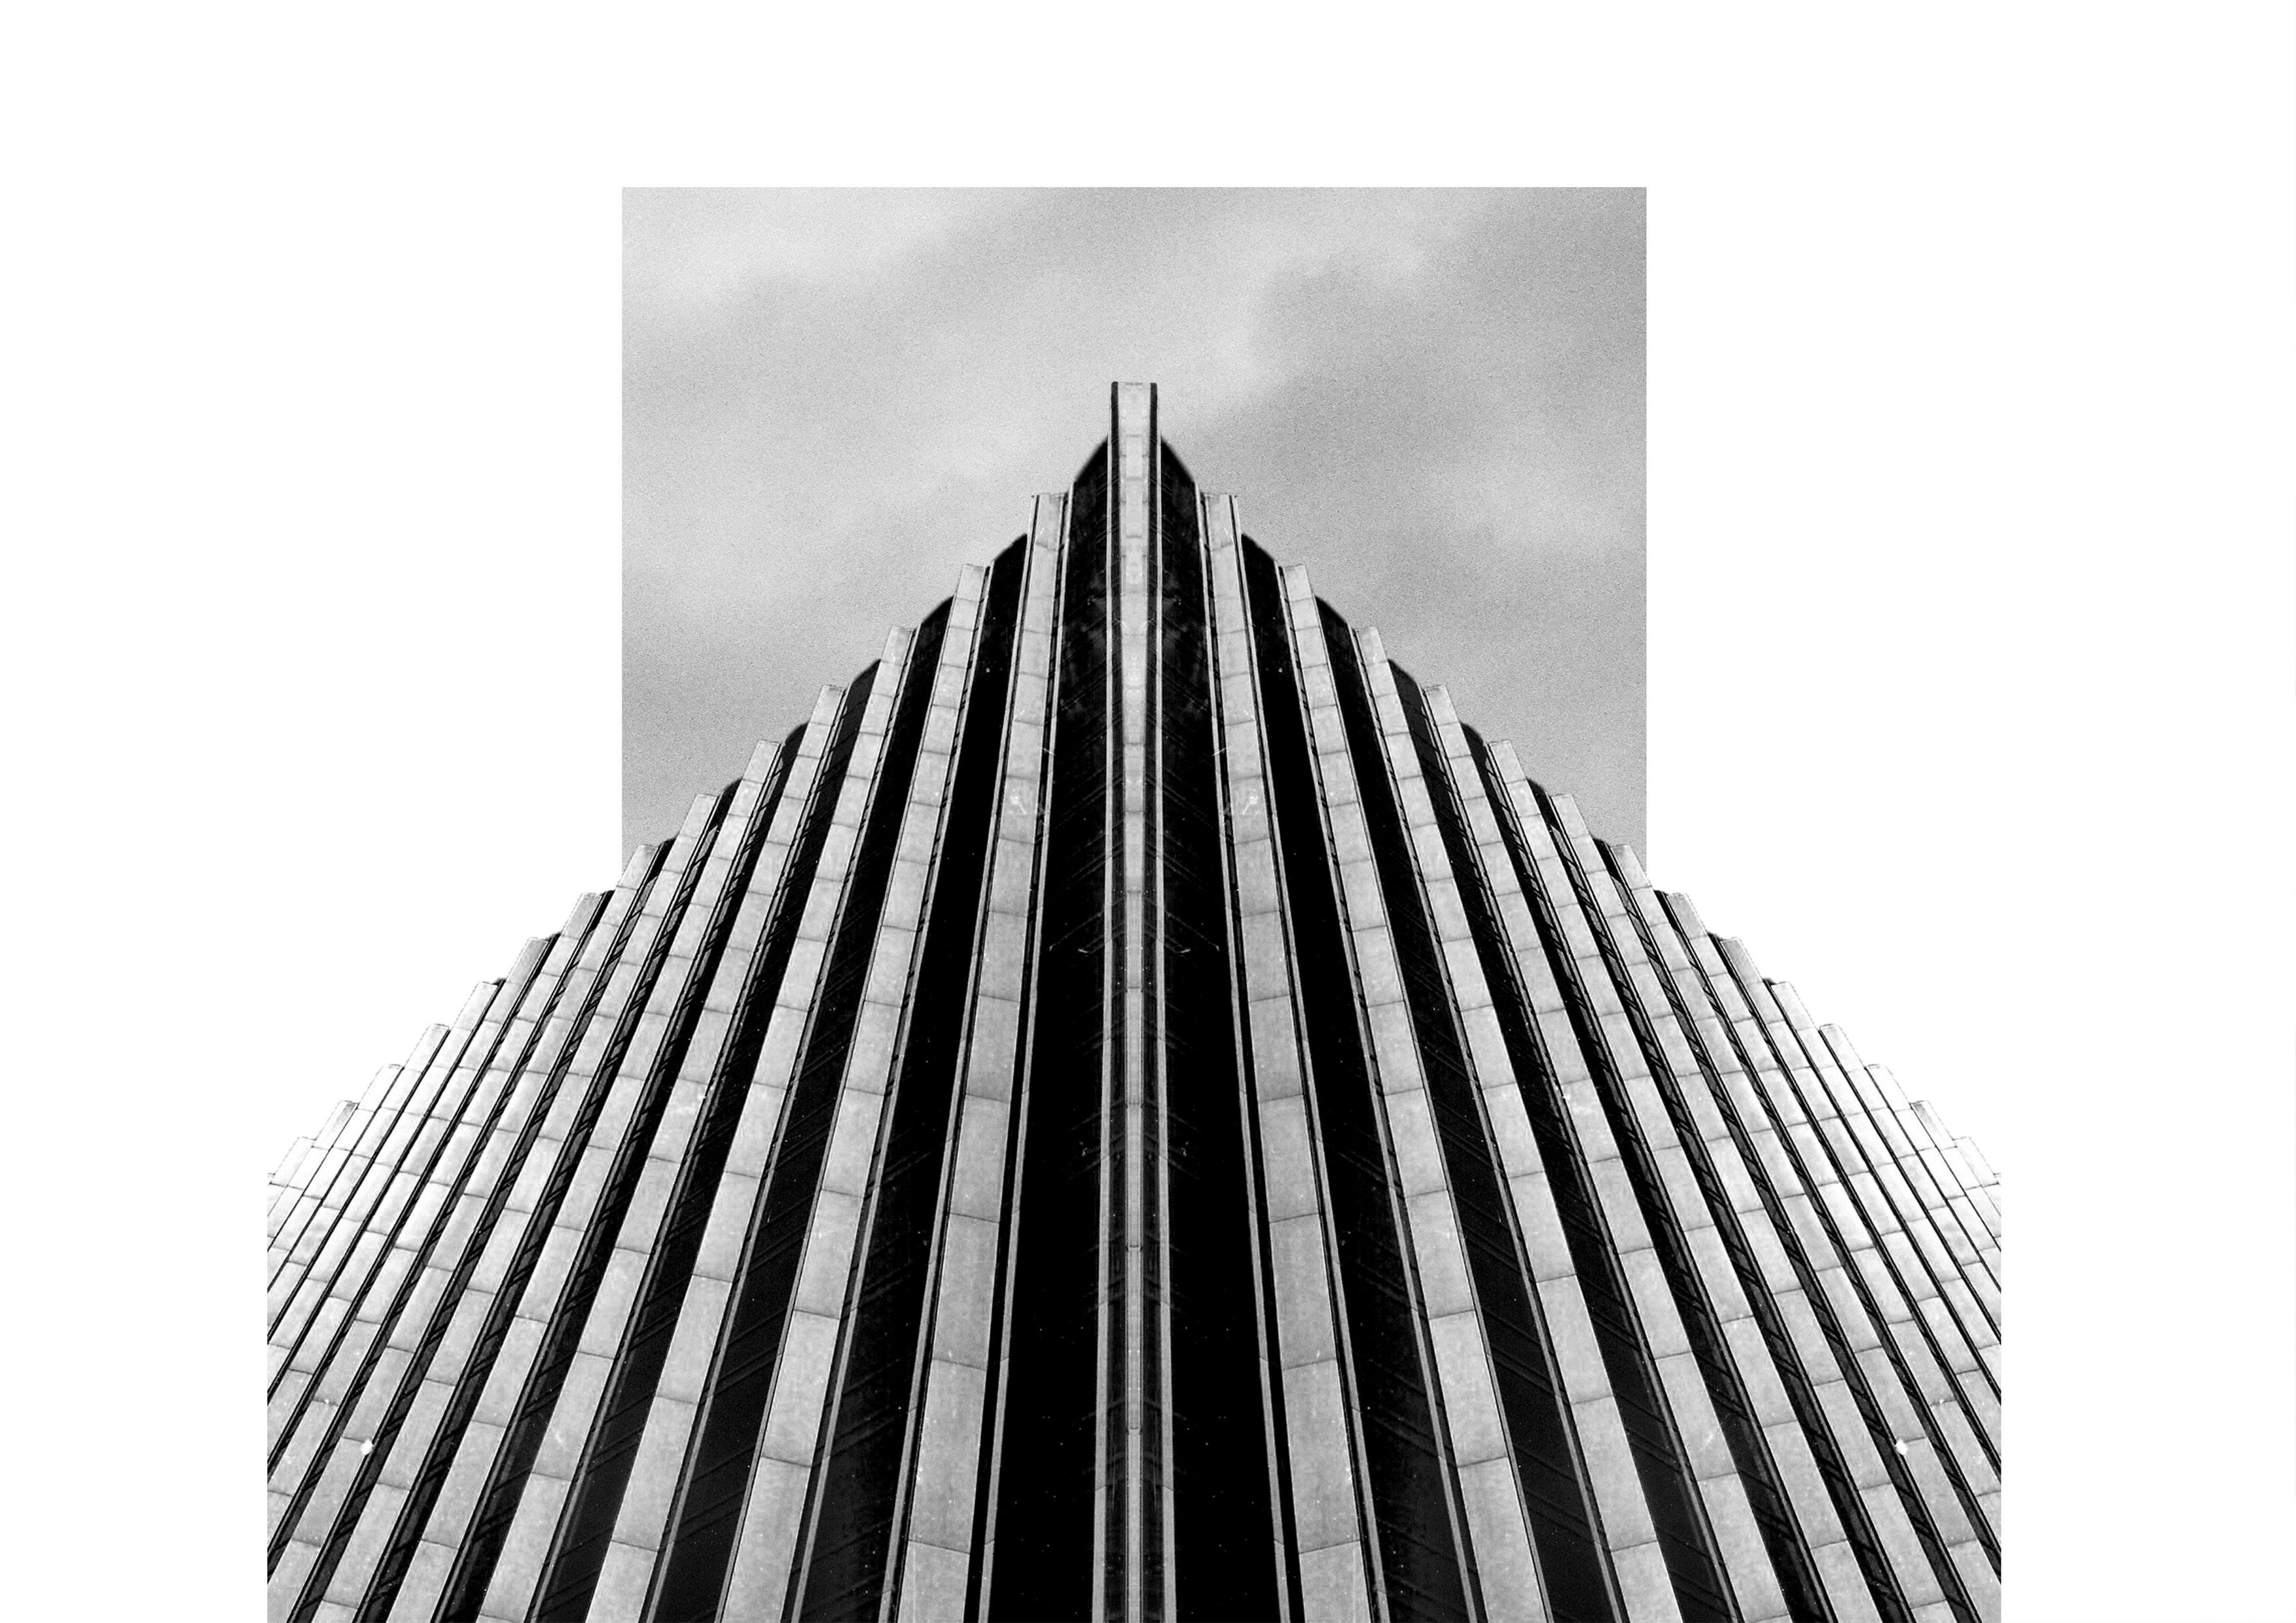 Photos de Guillaume Colrat sur le thème de la ville de demain. La ville du futur, toujours plus dense et les innovations qui permettront des les désengorger.